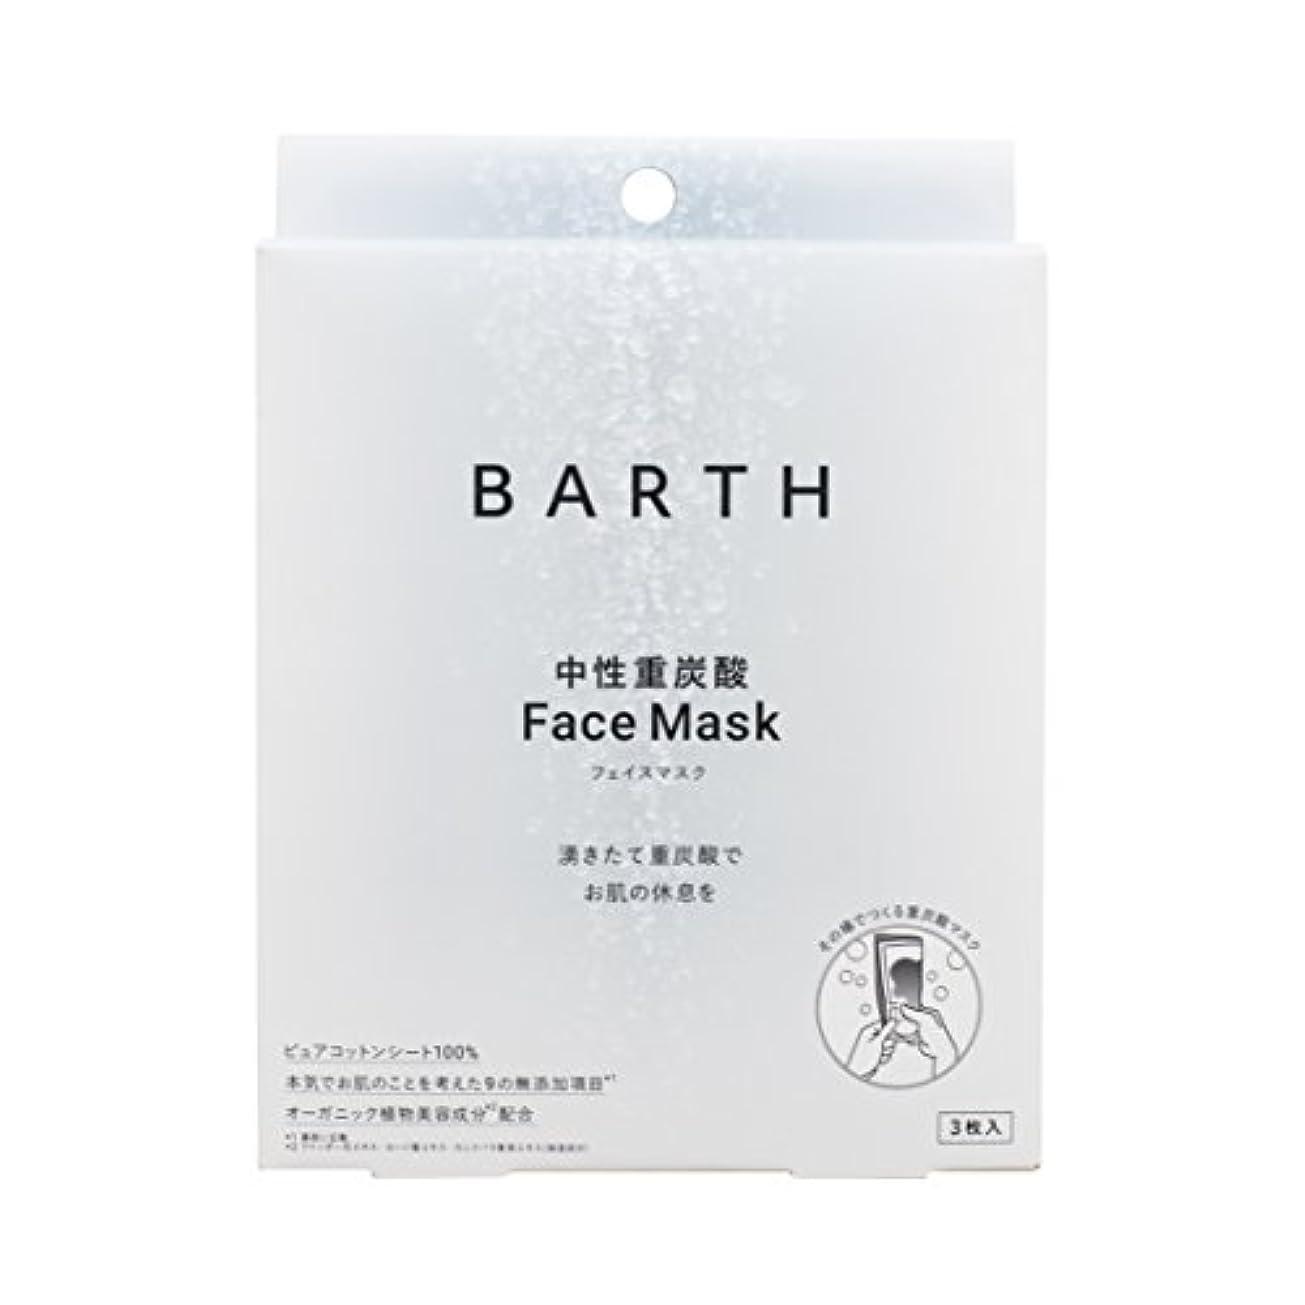 小売衛星広げるBARTH【バース】 中性 重炭酸 フェイスマスク (無添加 日本製 ピュアコットン 100% オーガニック植物美容成分3種入り) (3包入り)